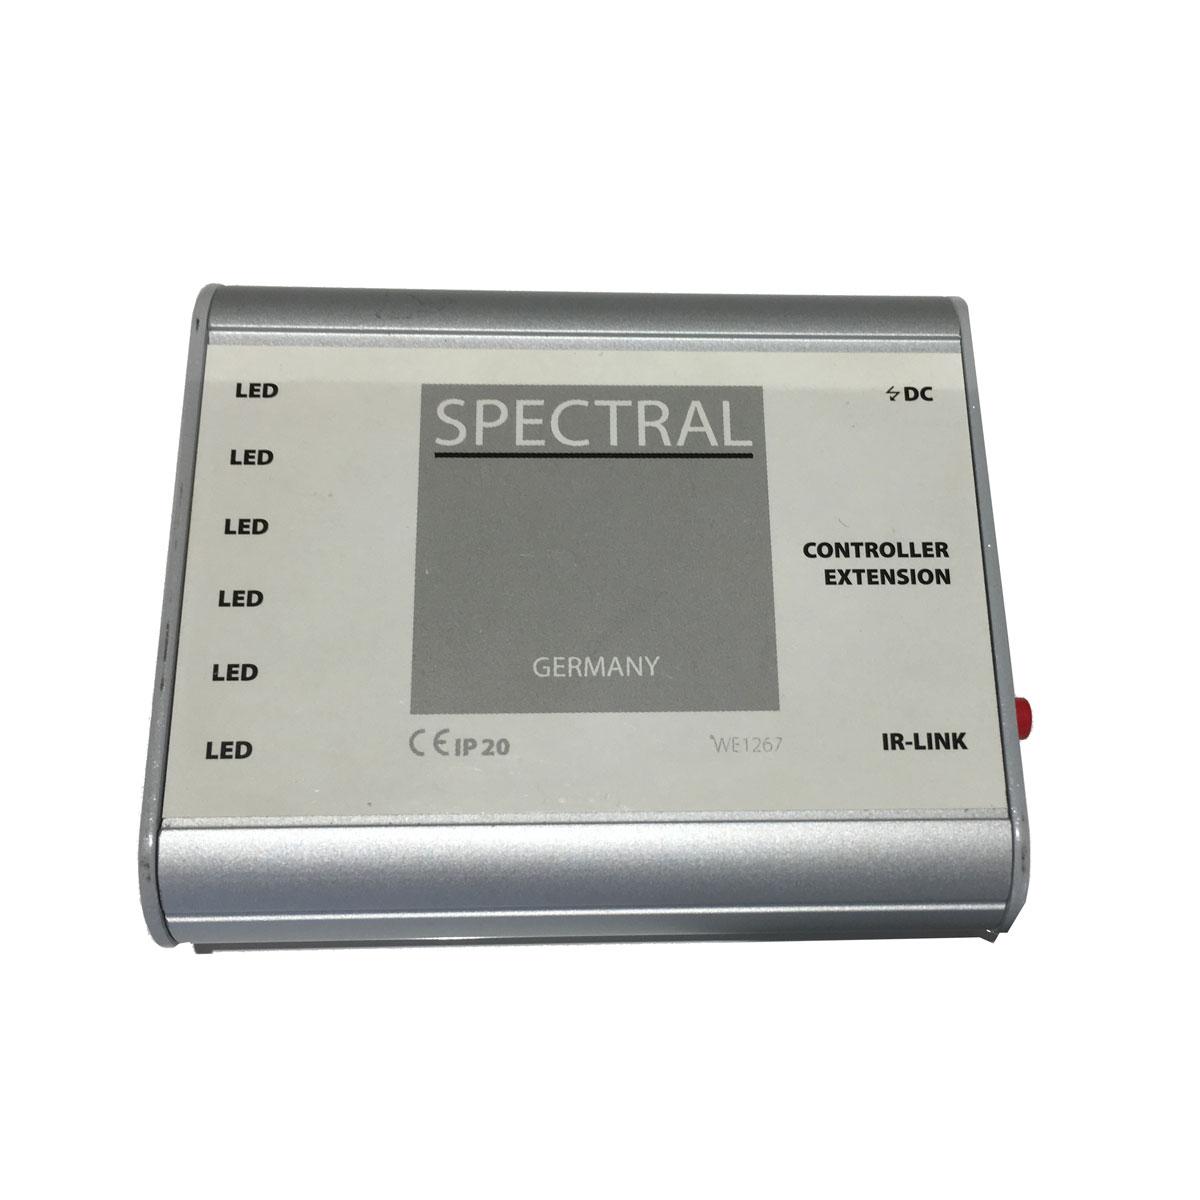 Ersatzcontroller von Spectral für LED